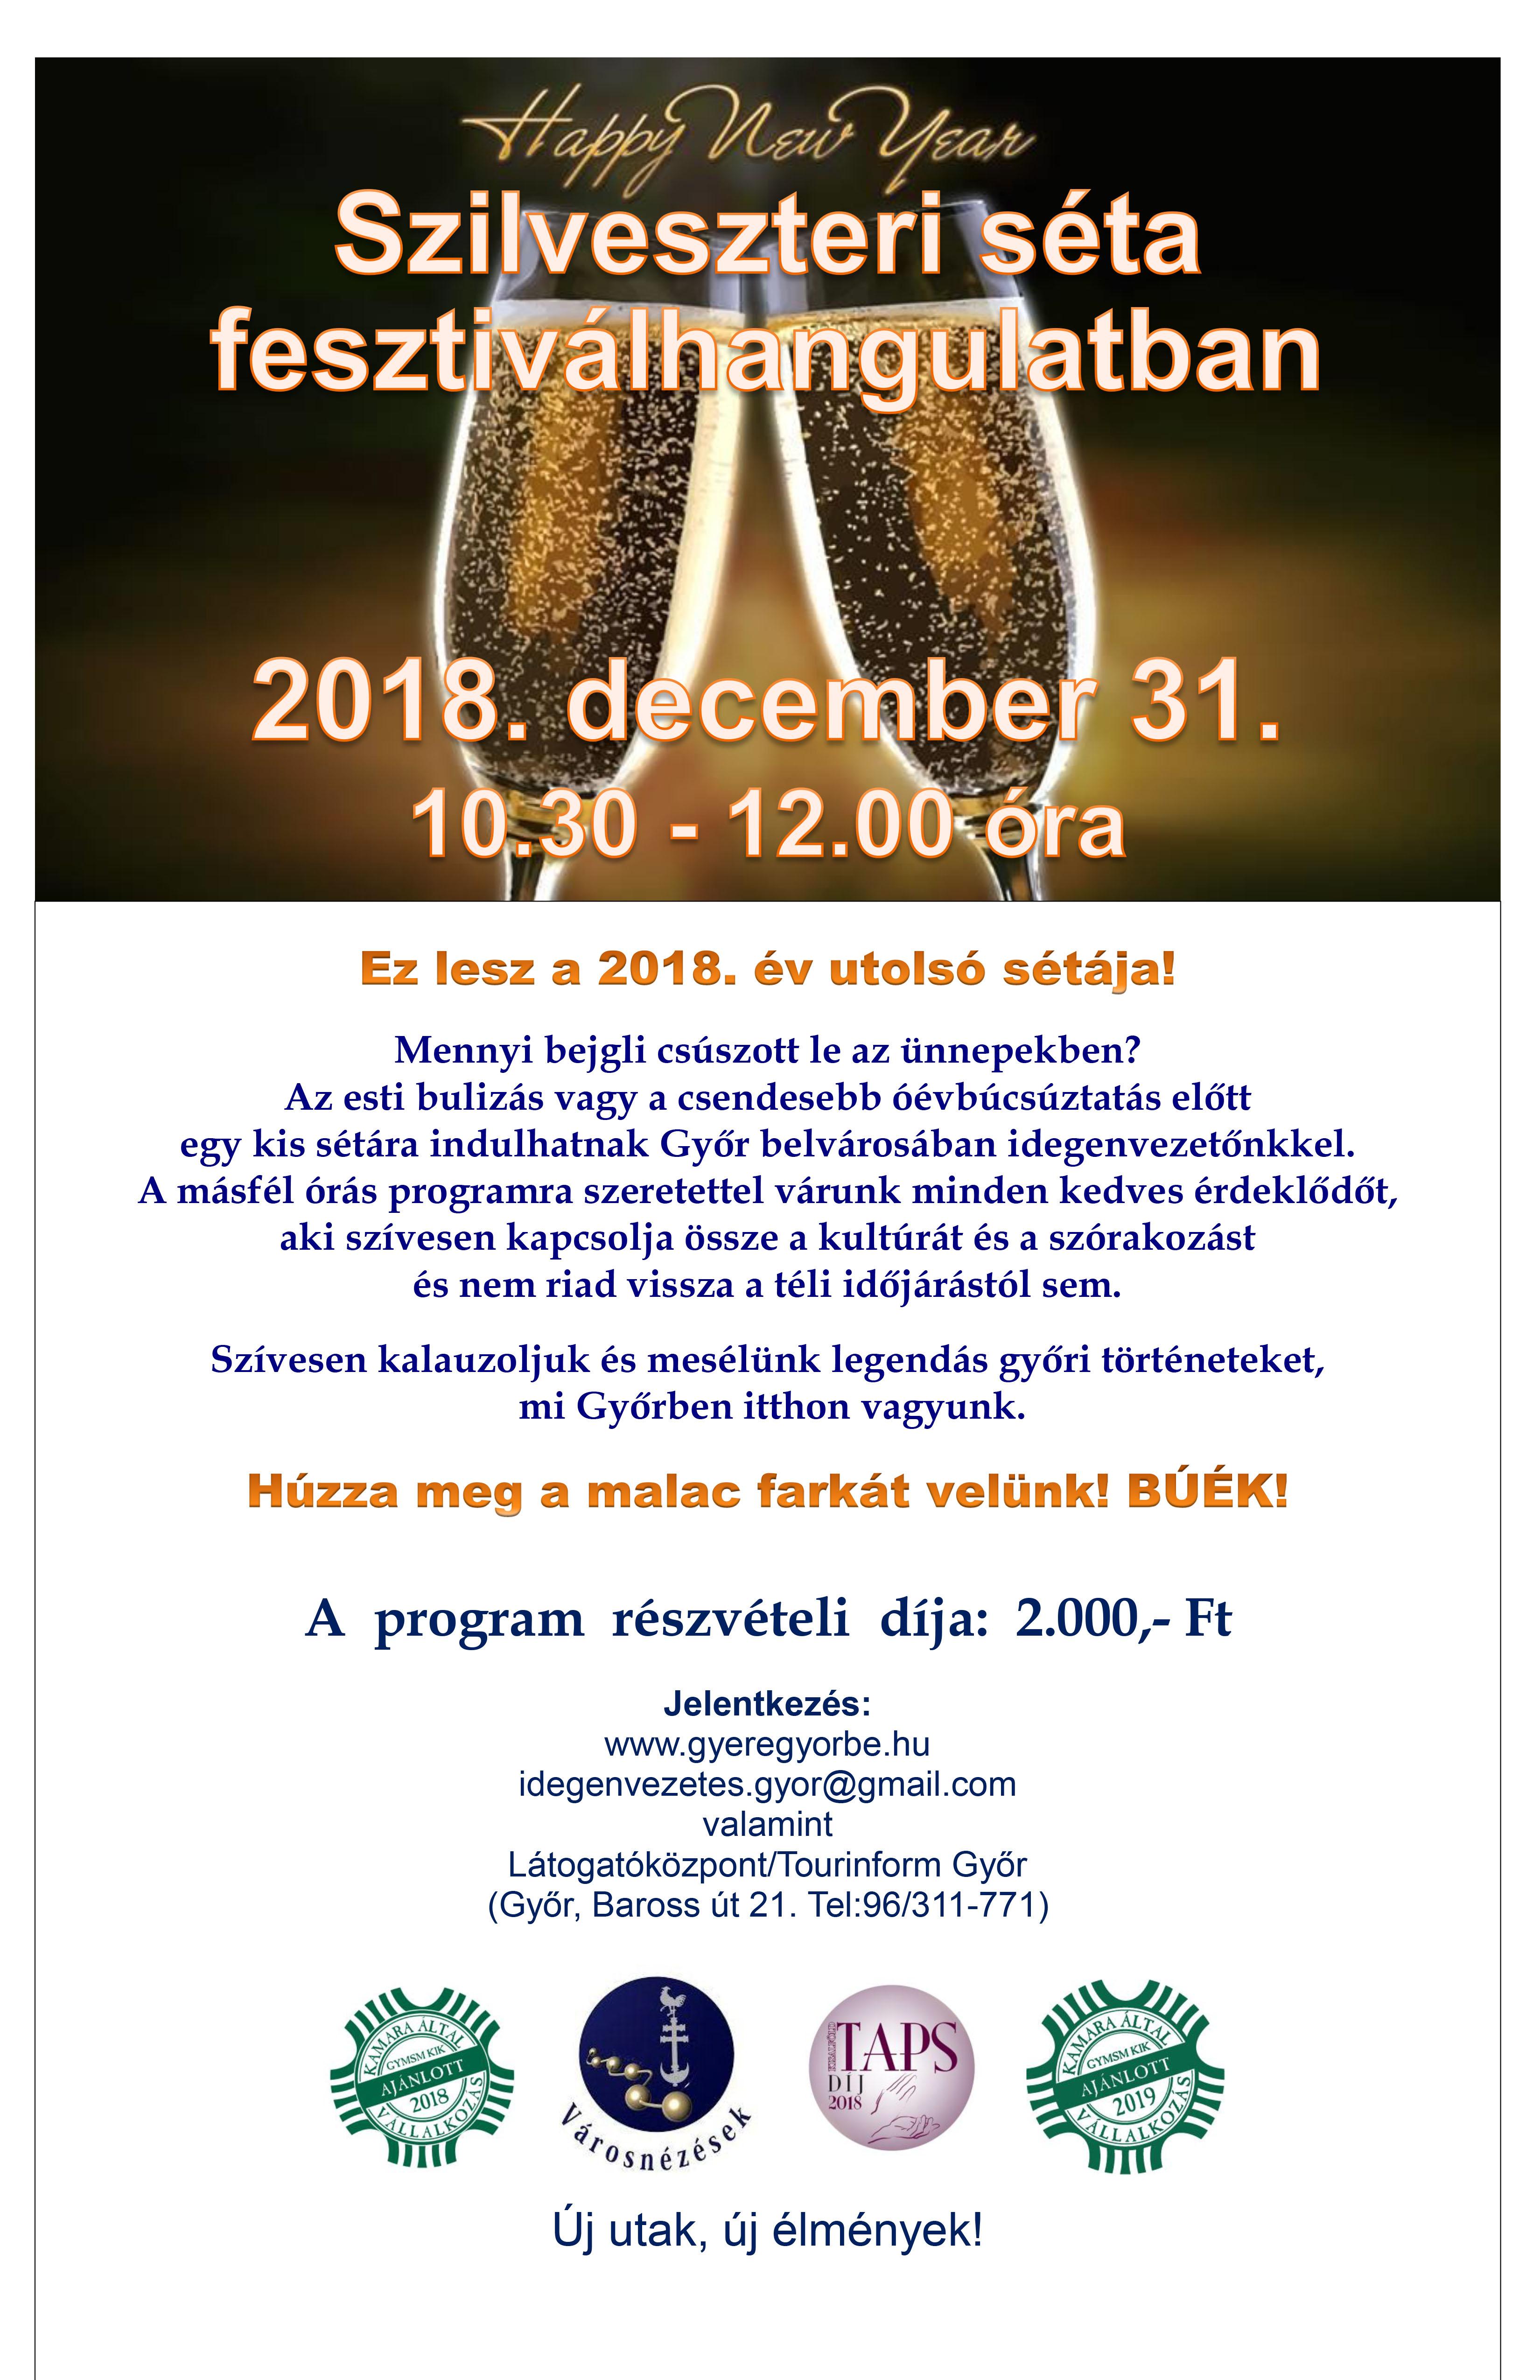 Szilveszteri séta fesztiválhangulatban 18.12.31.